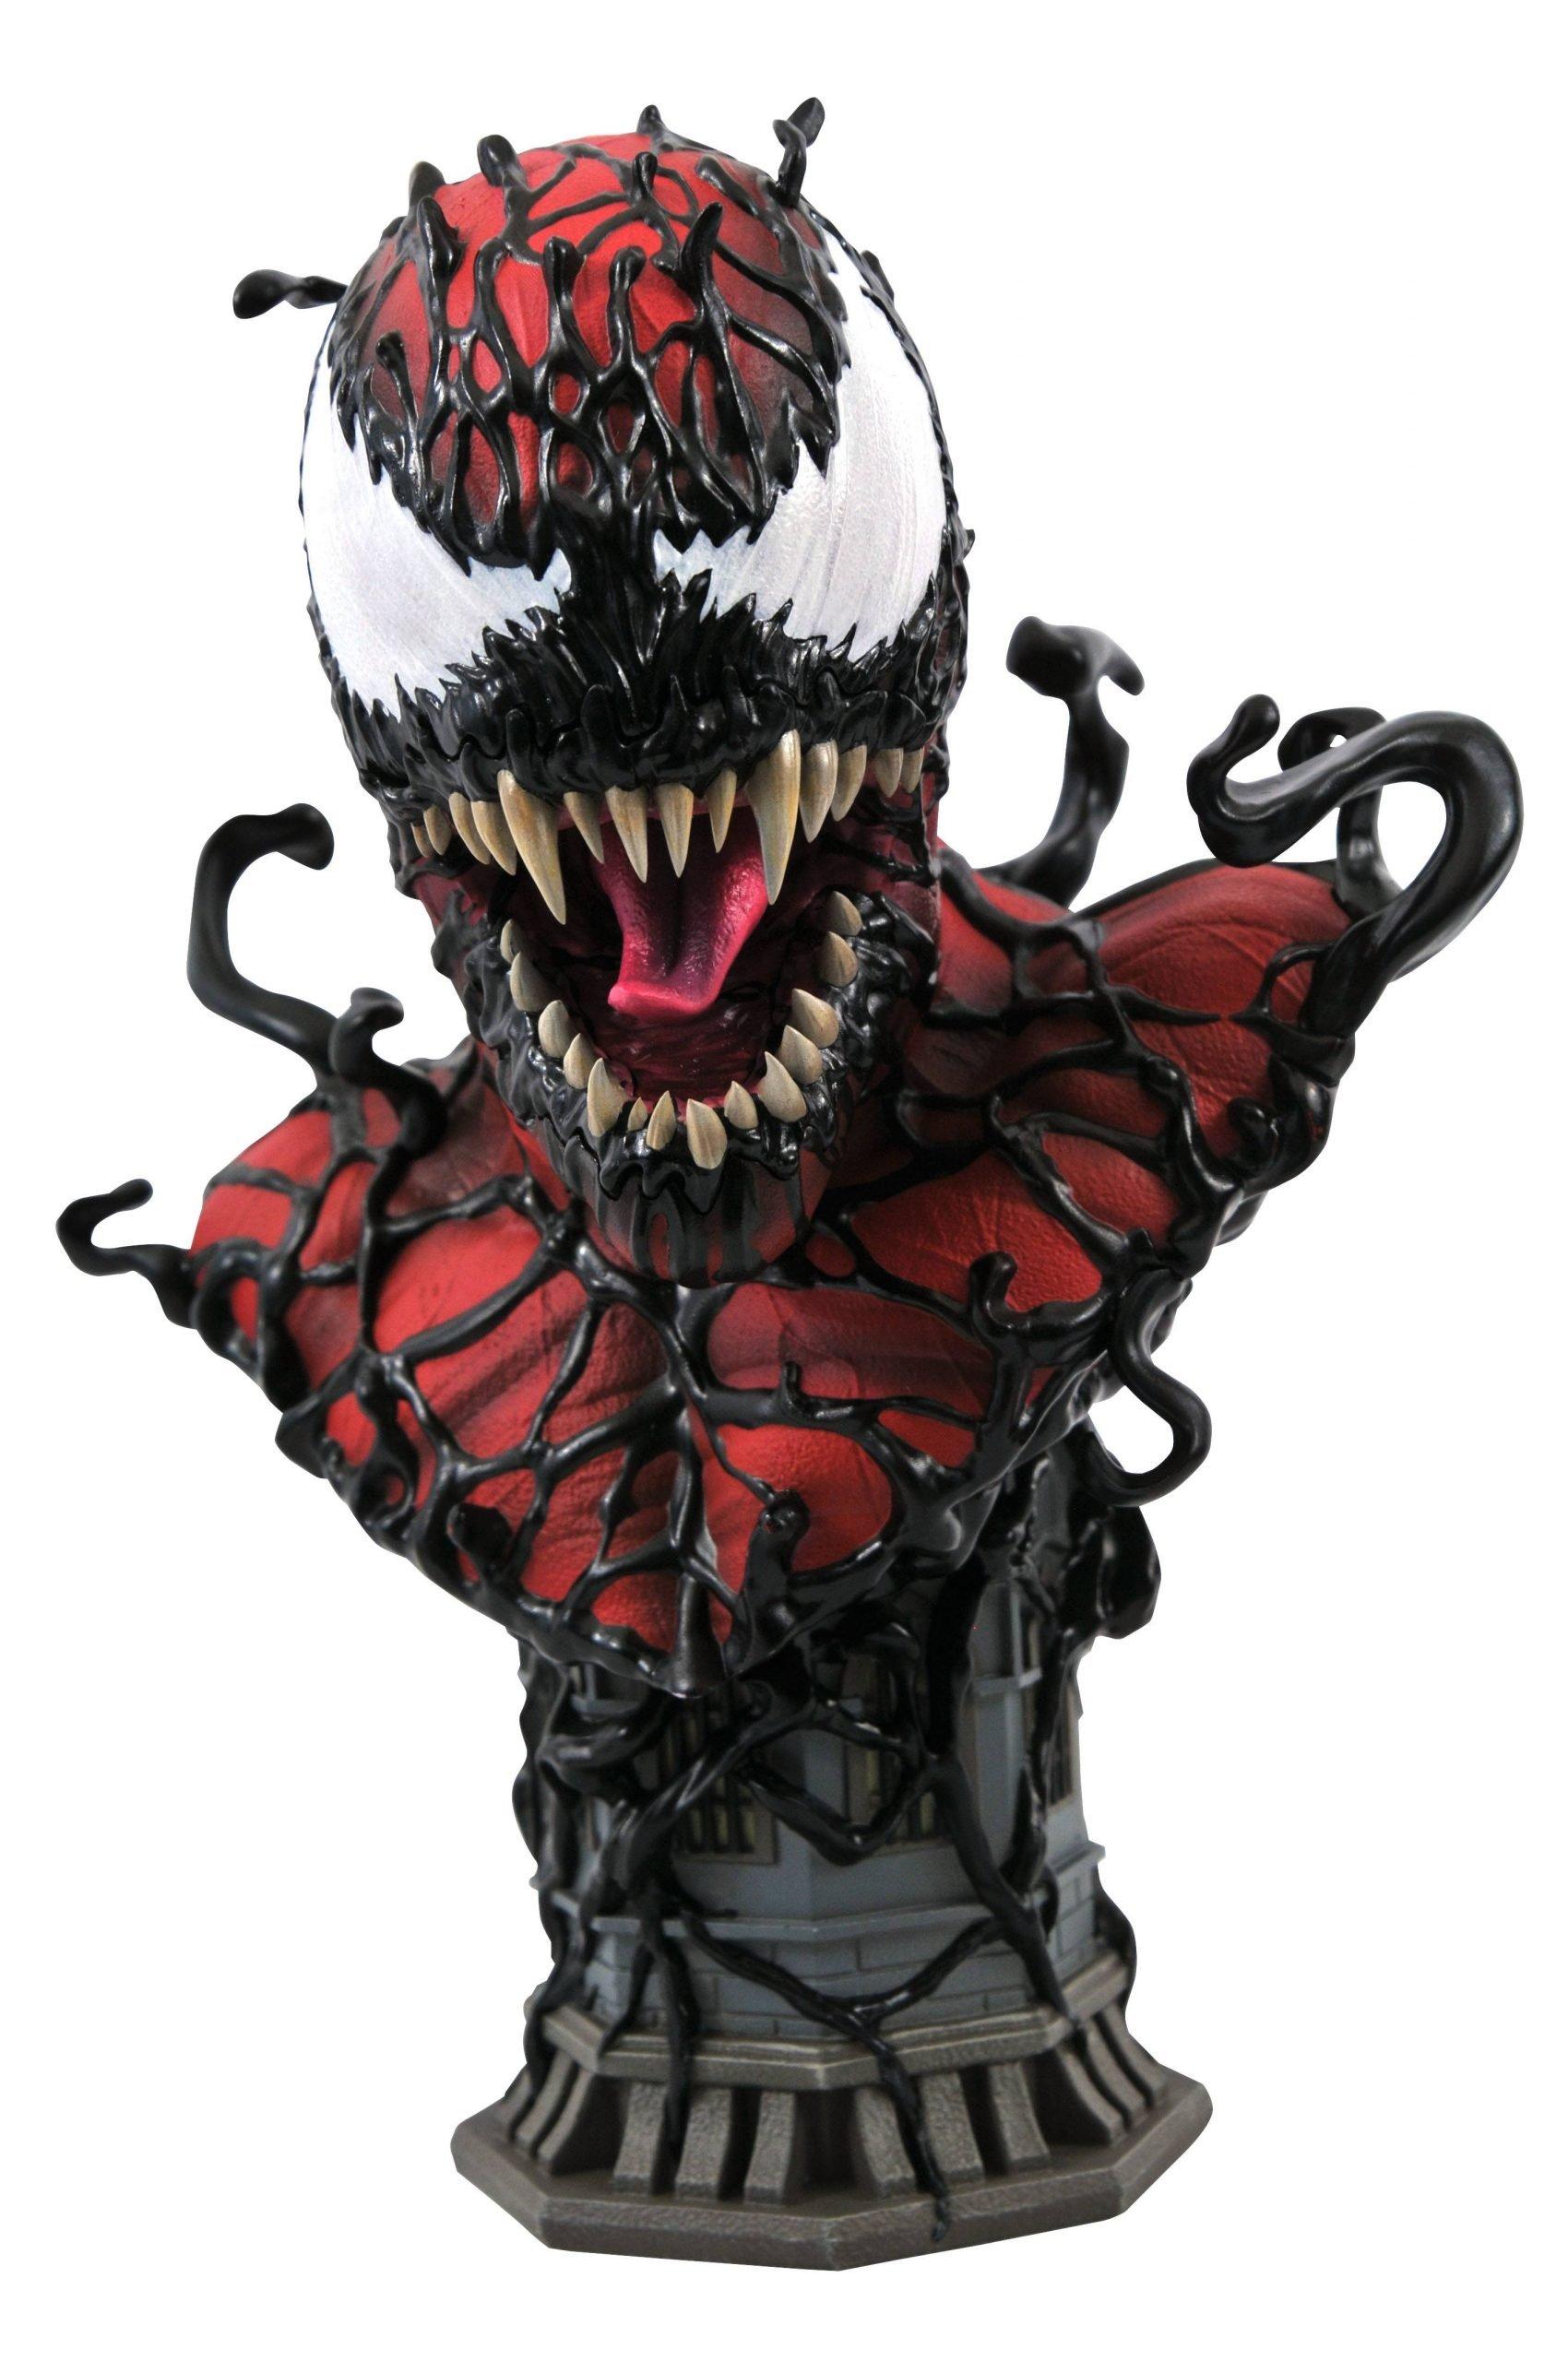 Carnage Half Scale Bust - Marvel Legends in 3D